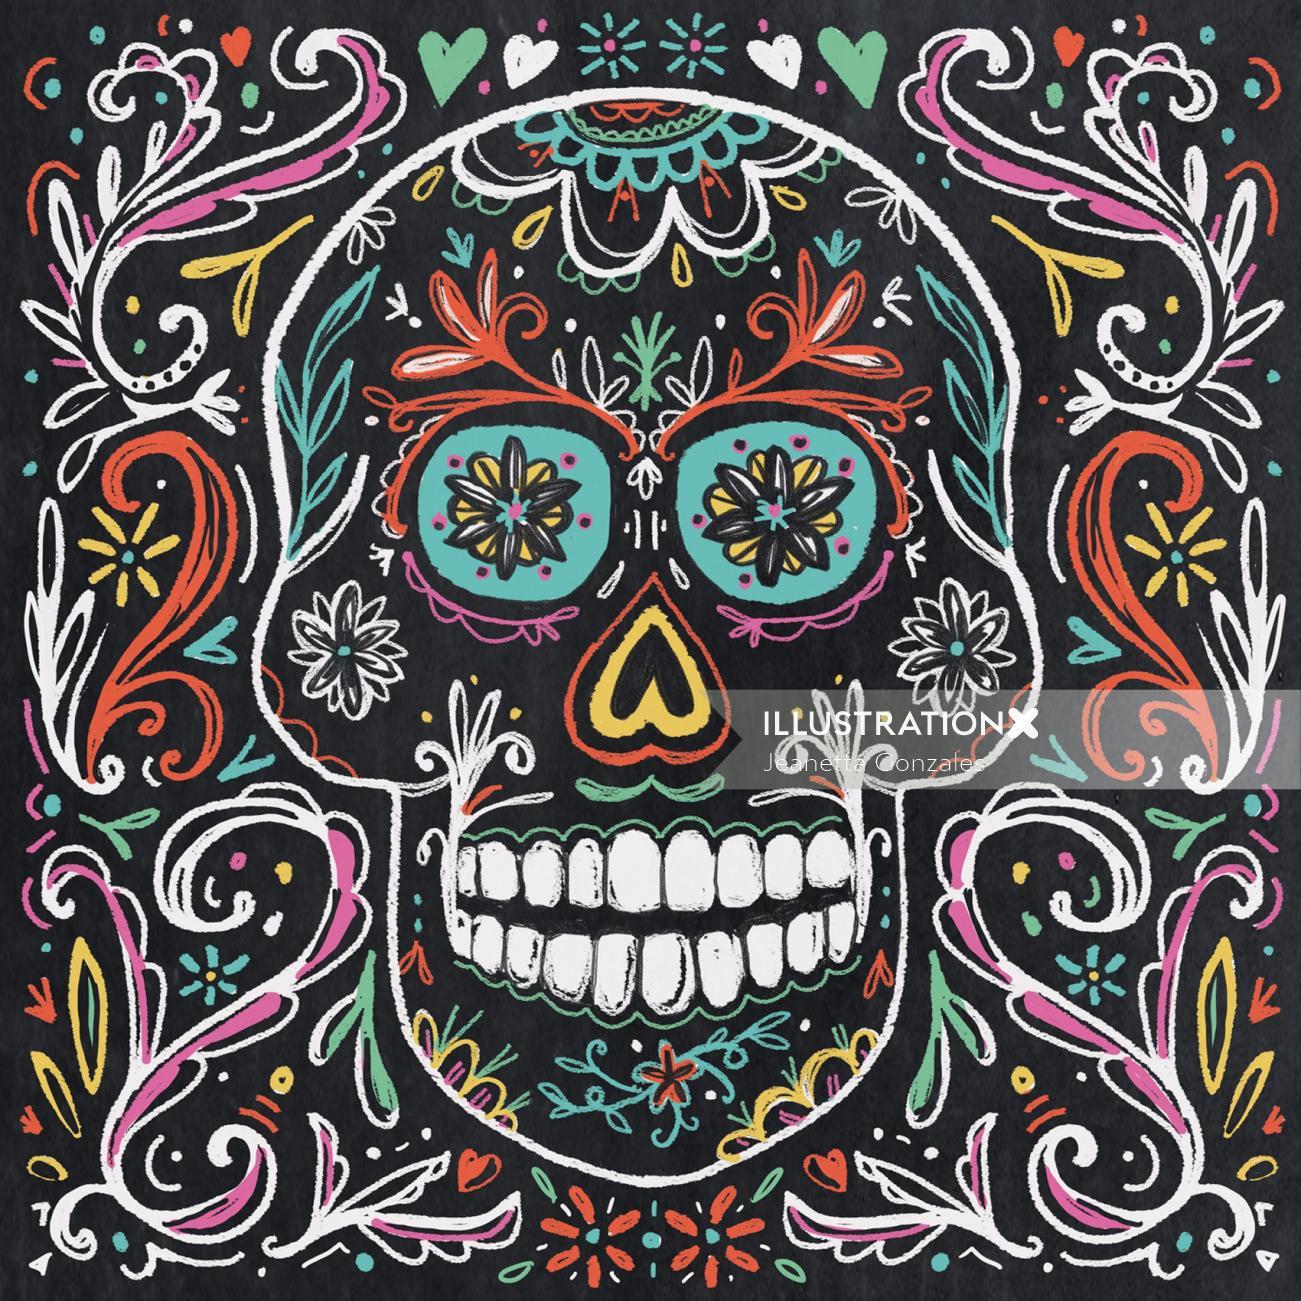 Conceptual illustration of skull